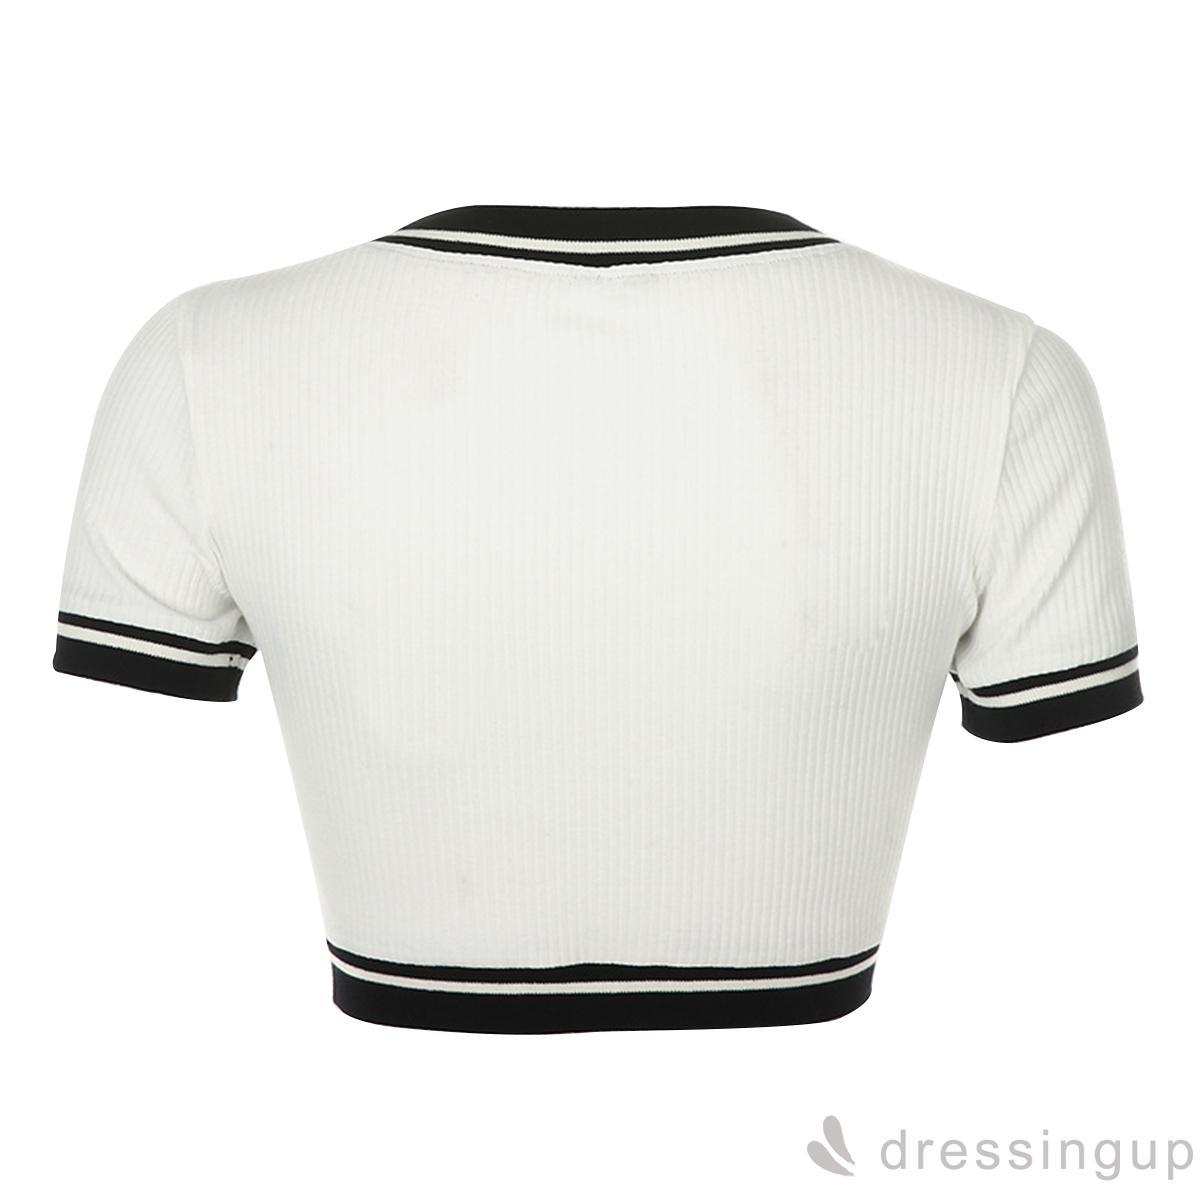 Mặc gì đẹp: Gợi cảm với Áo croptop dệt kim tay ngắn cổ chữ V thích hợp mặc hàng ngày/du lịch/hội tiệc cho nữ